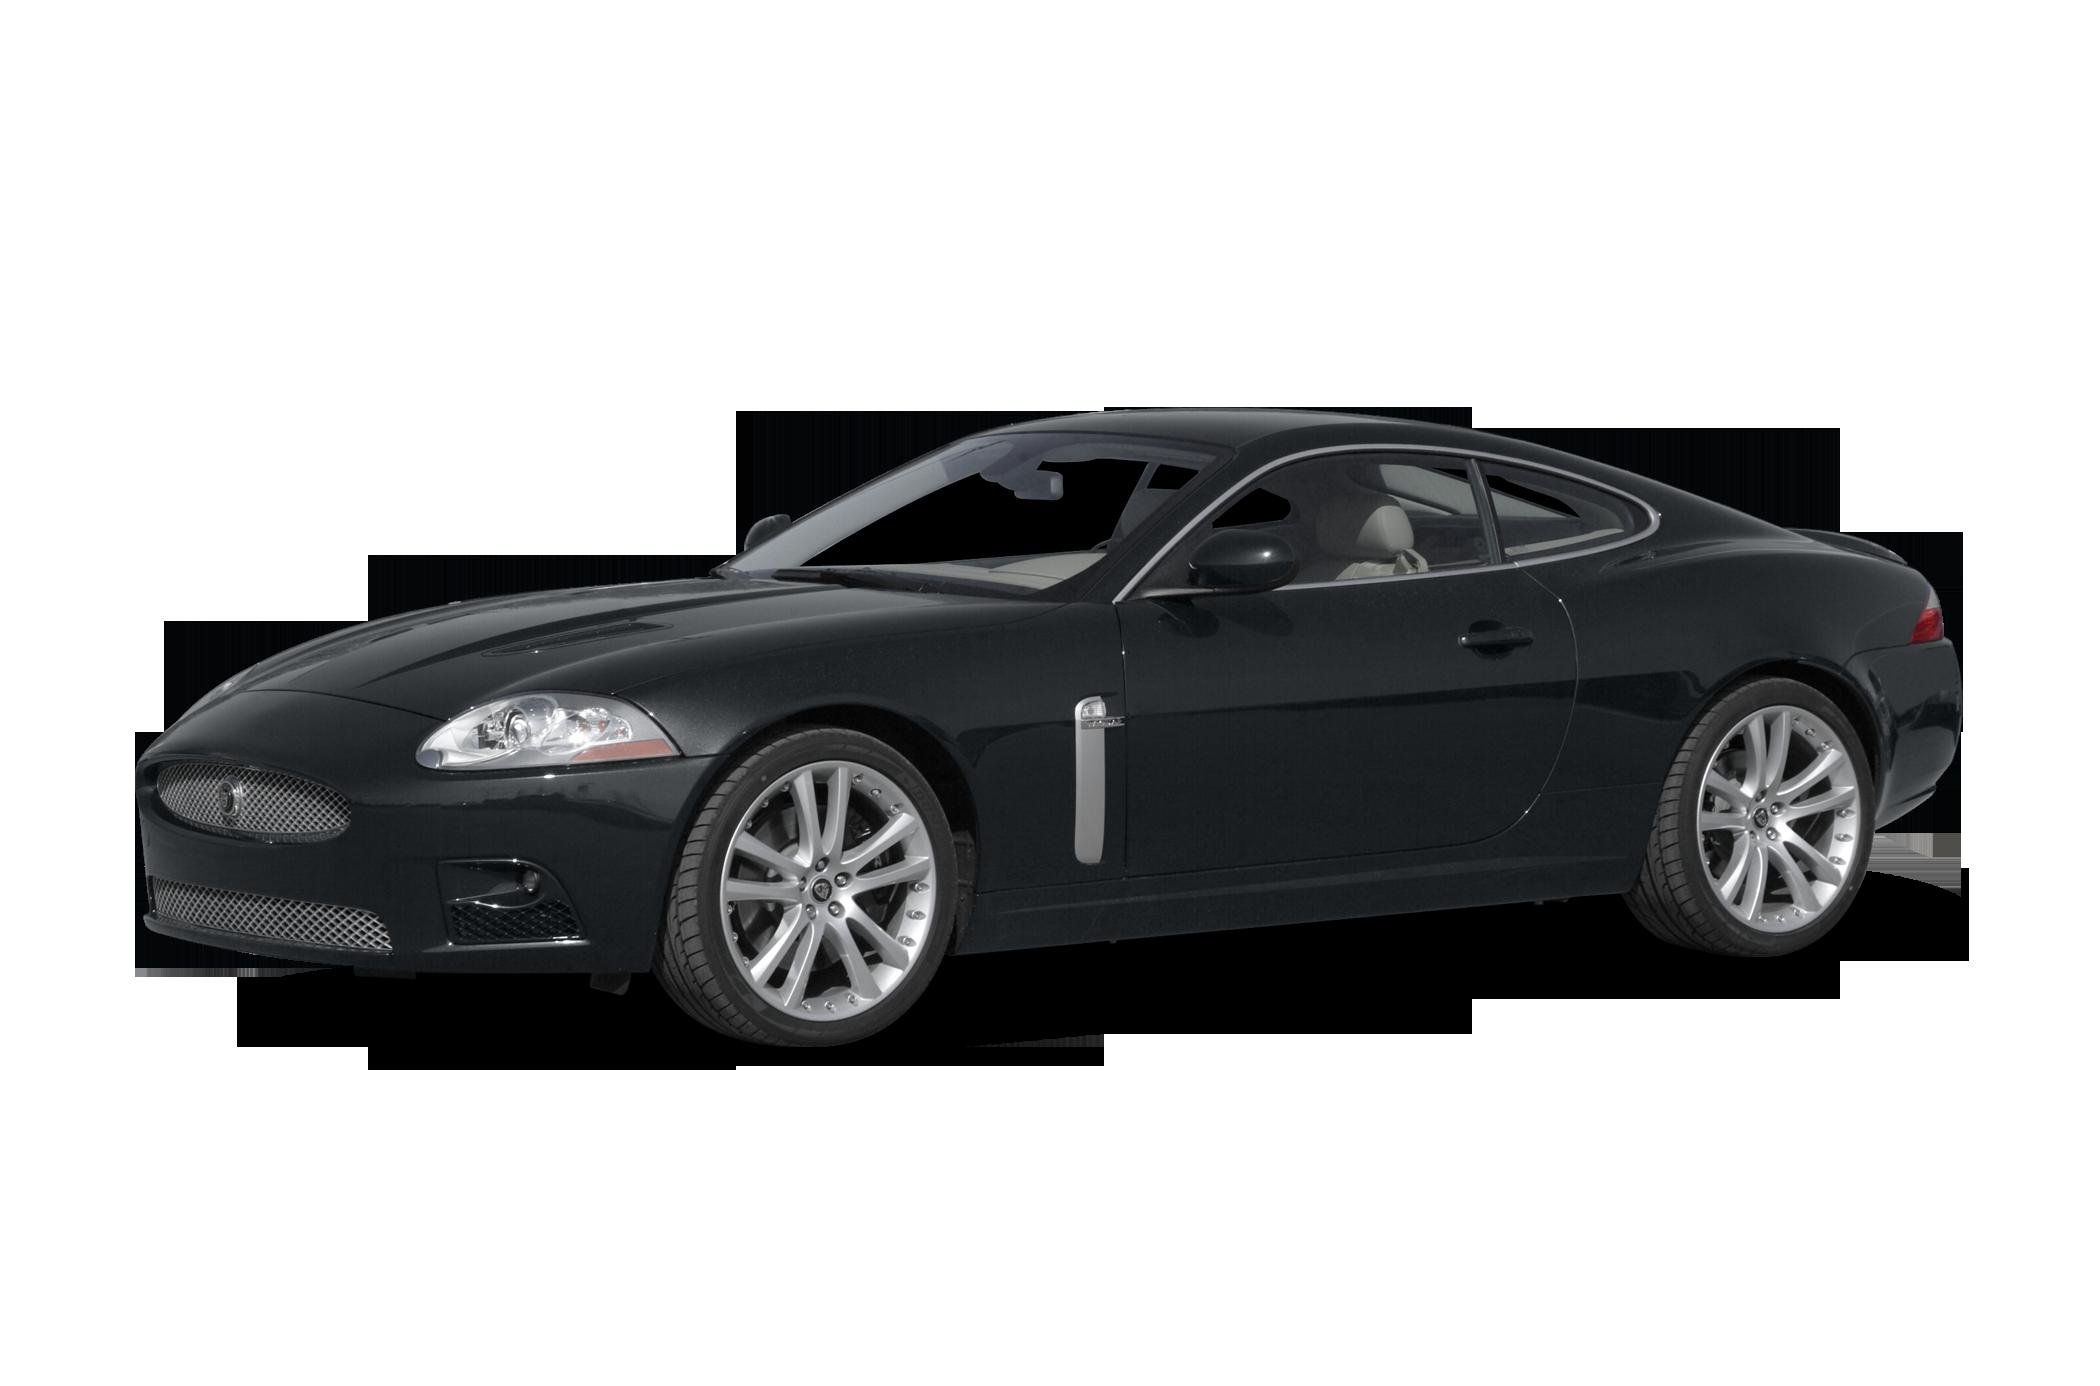 2008 Jaguar XKR - View Specs, Prices & Photos - WHEELS.ca